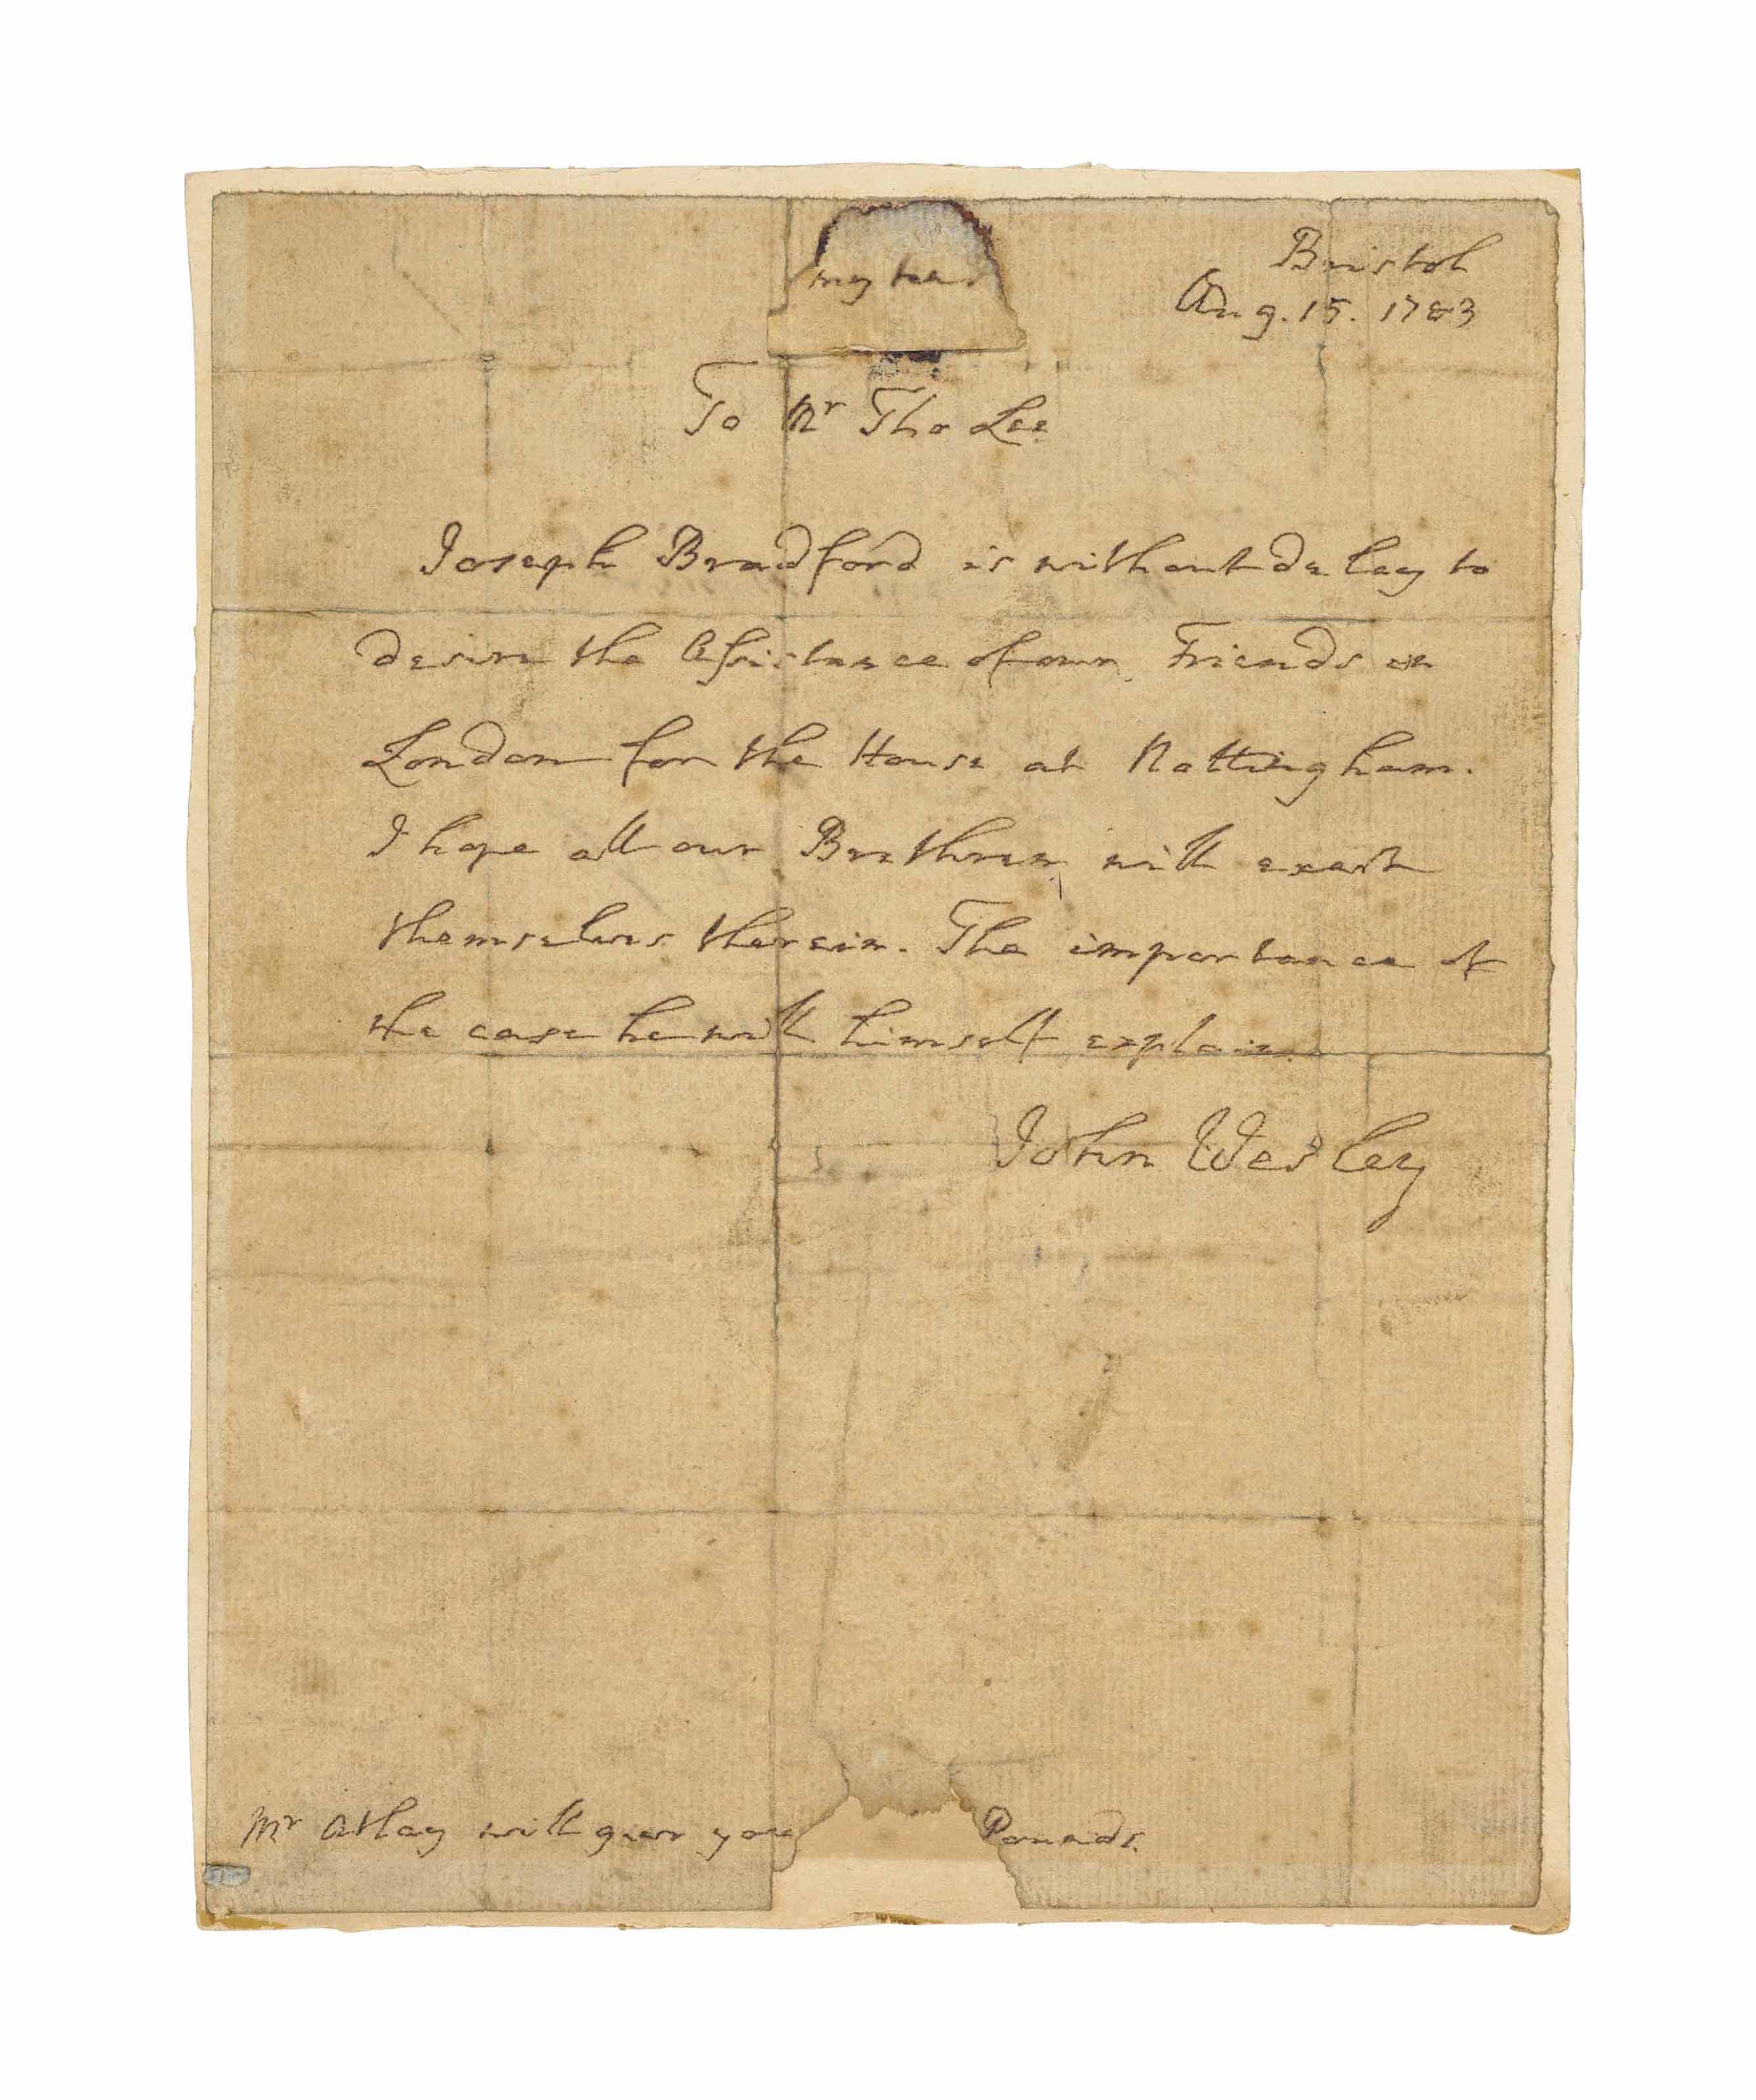 WESLEY, John (1703-1791). Auto